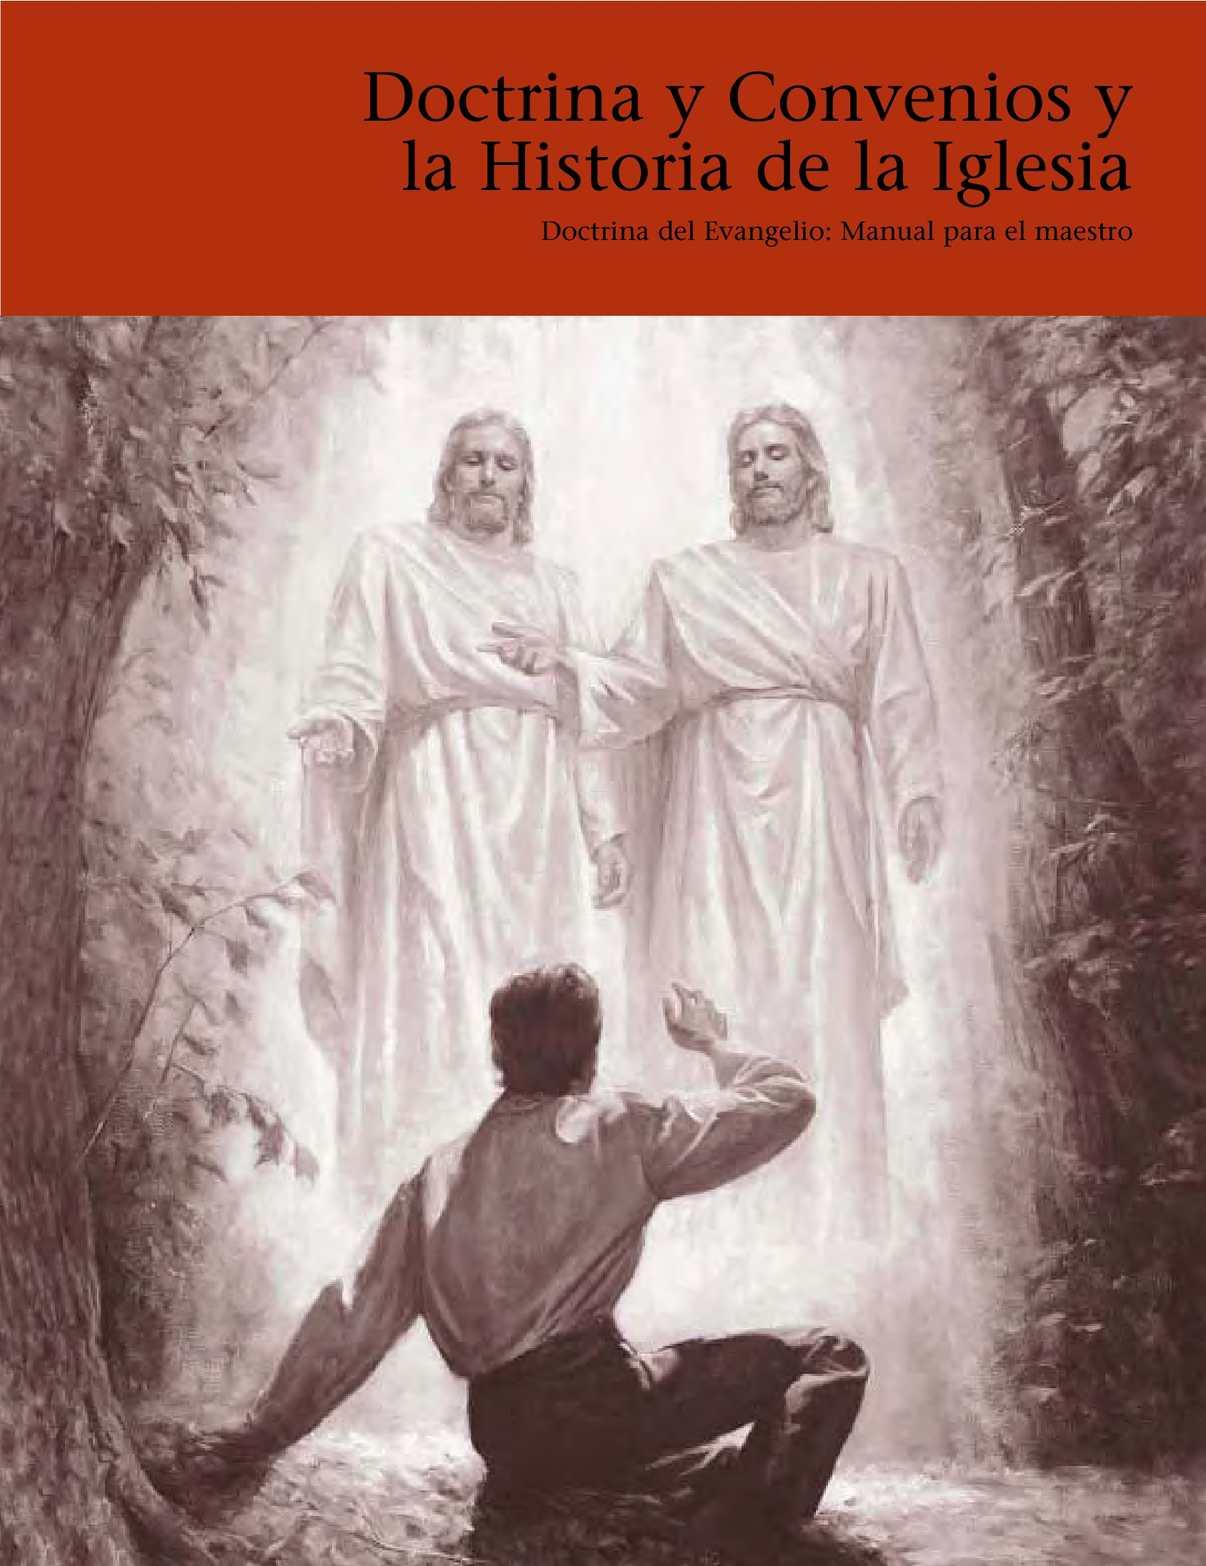 Calaméo - Doctrina y Convenios